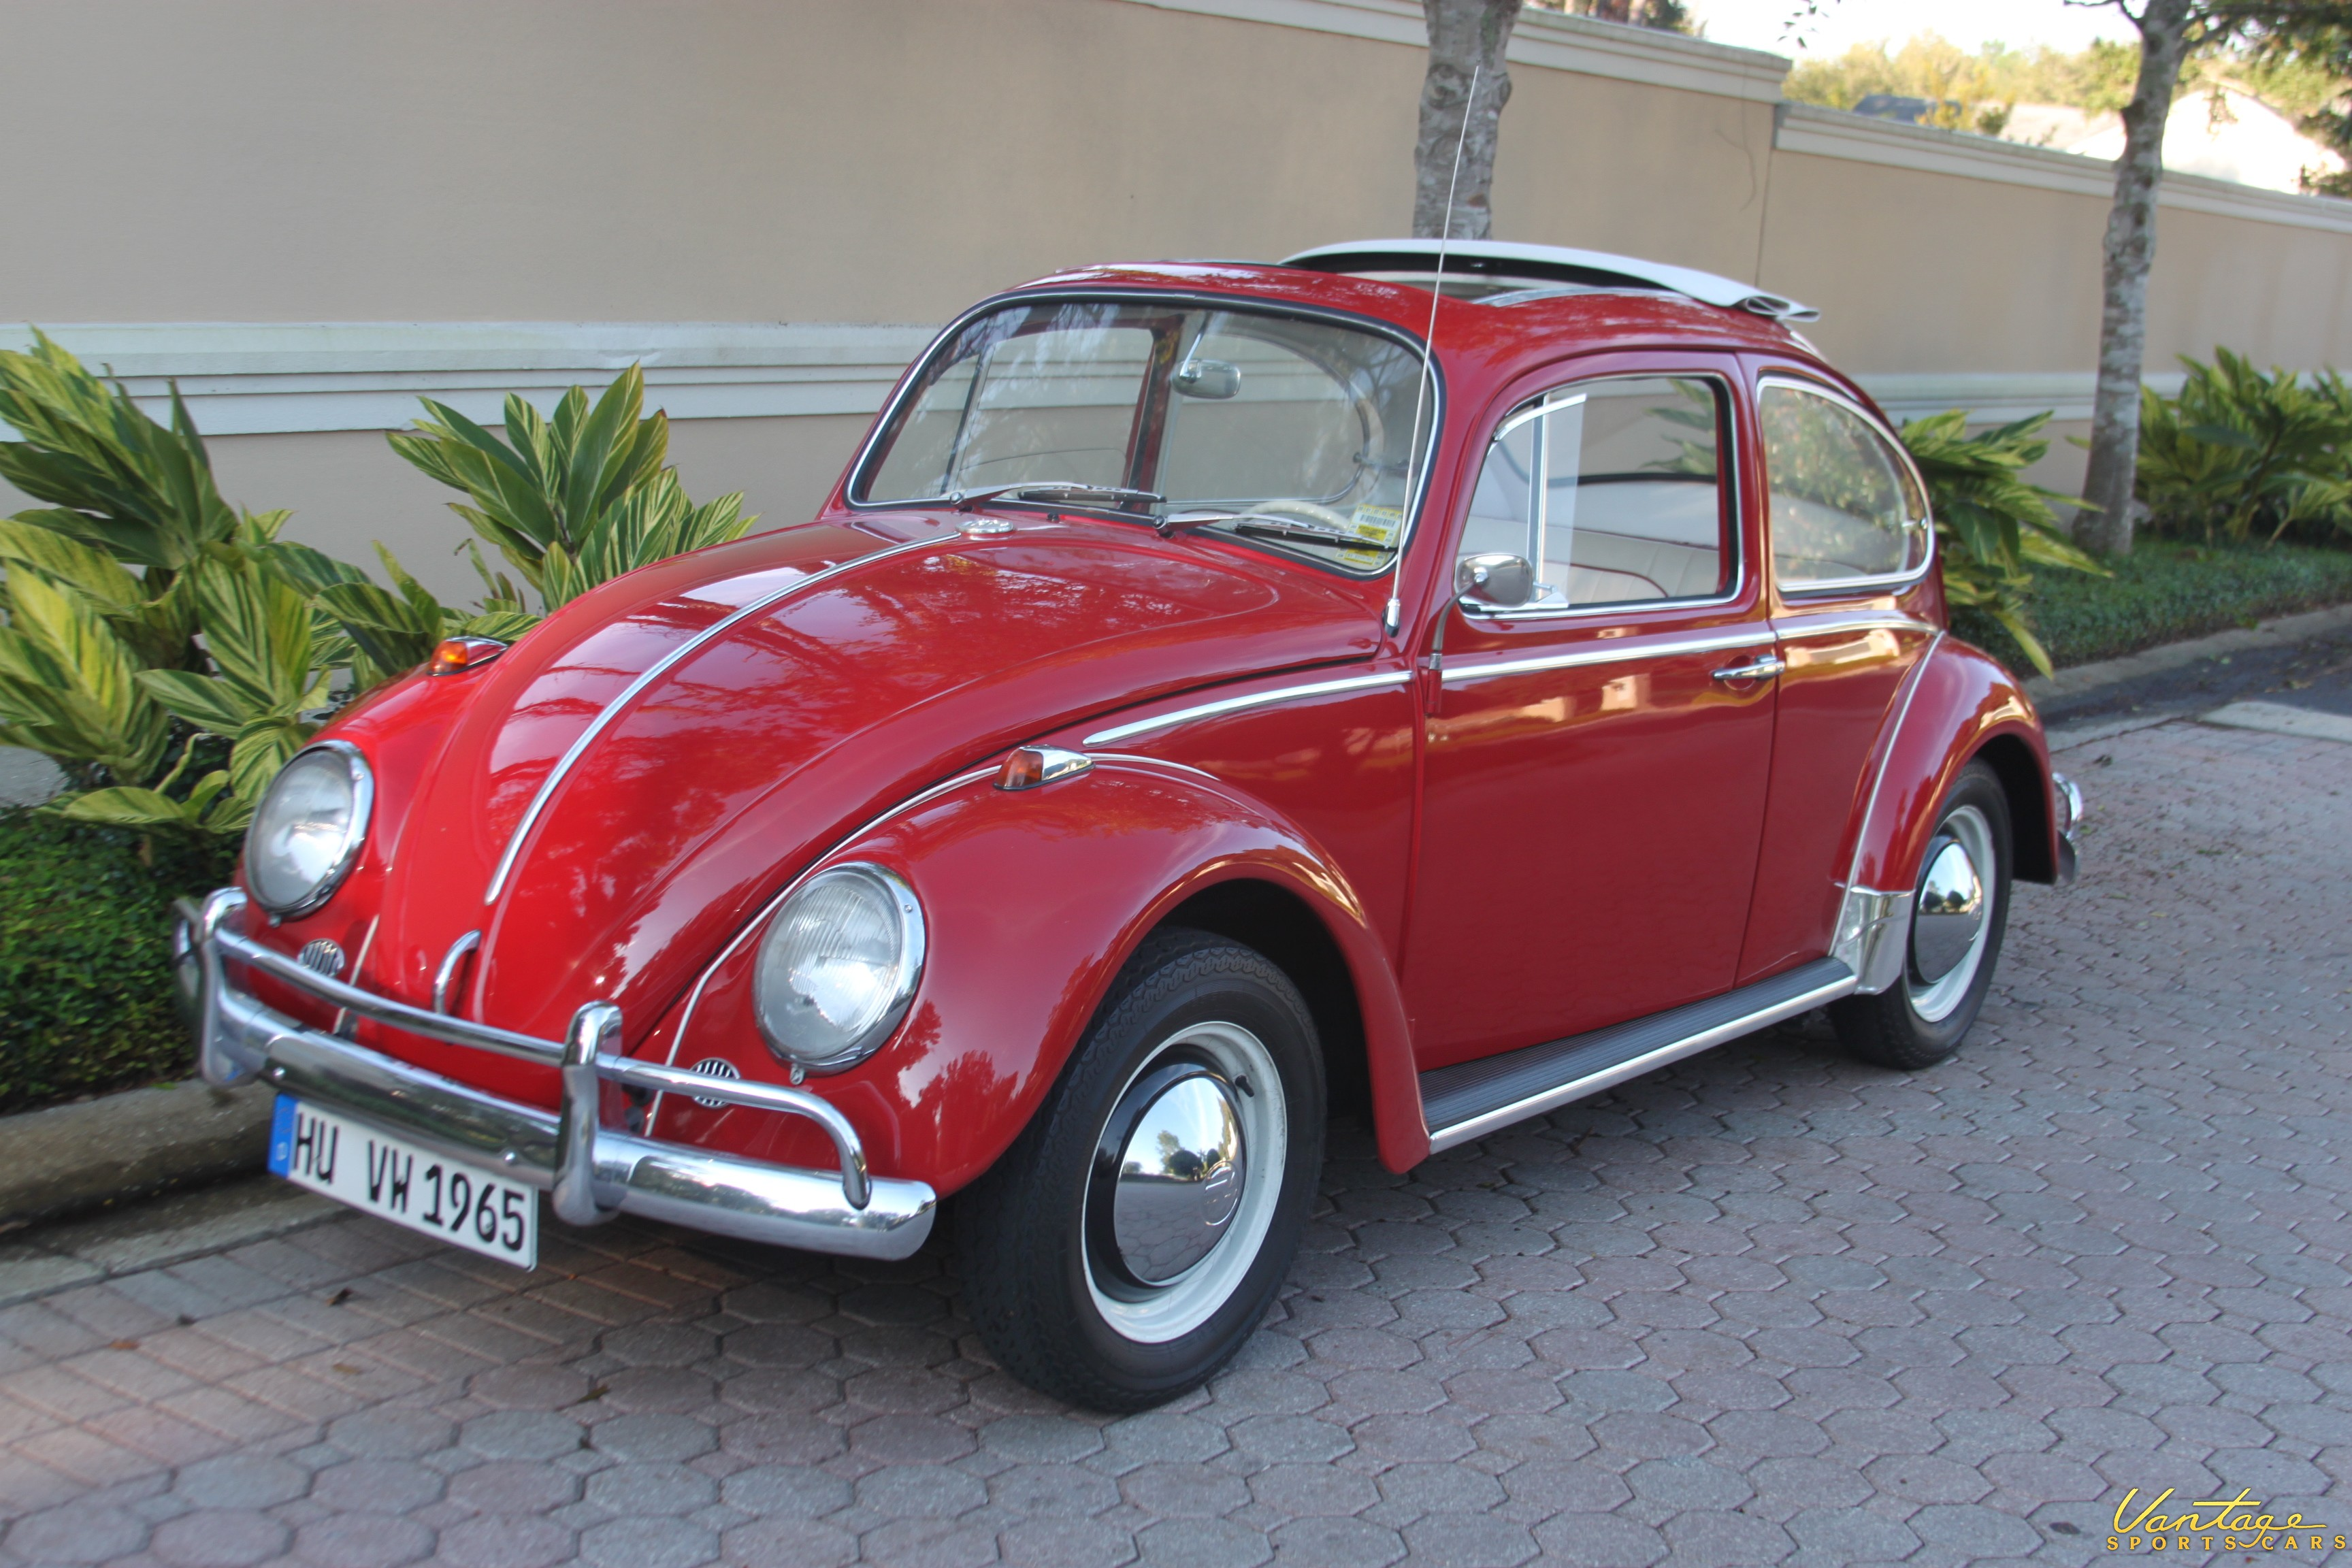 1965 Volkswagen Beetle Sold Vantage Sports Cars